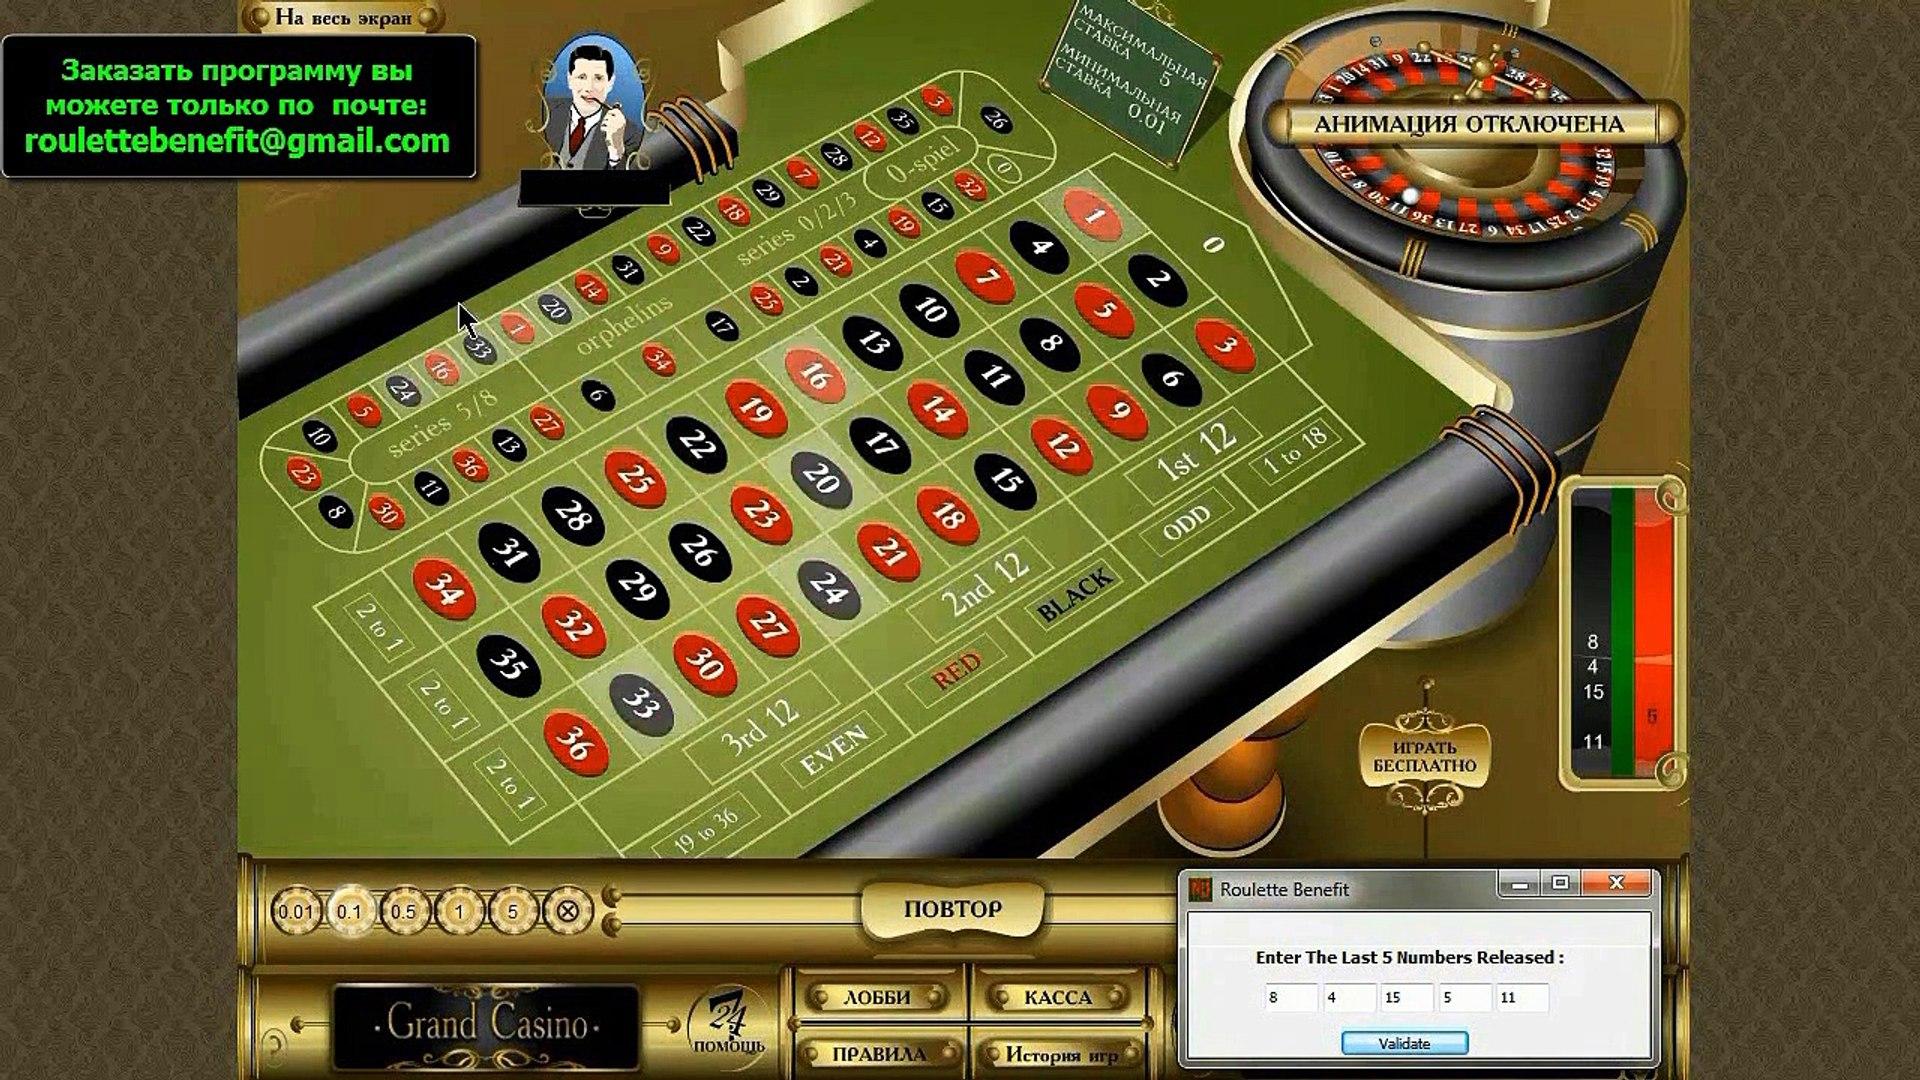 Видео взлом казино перенаправляет на казино вулкан